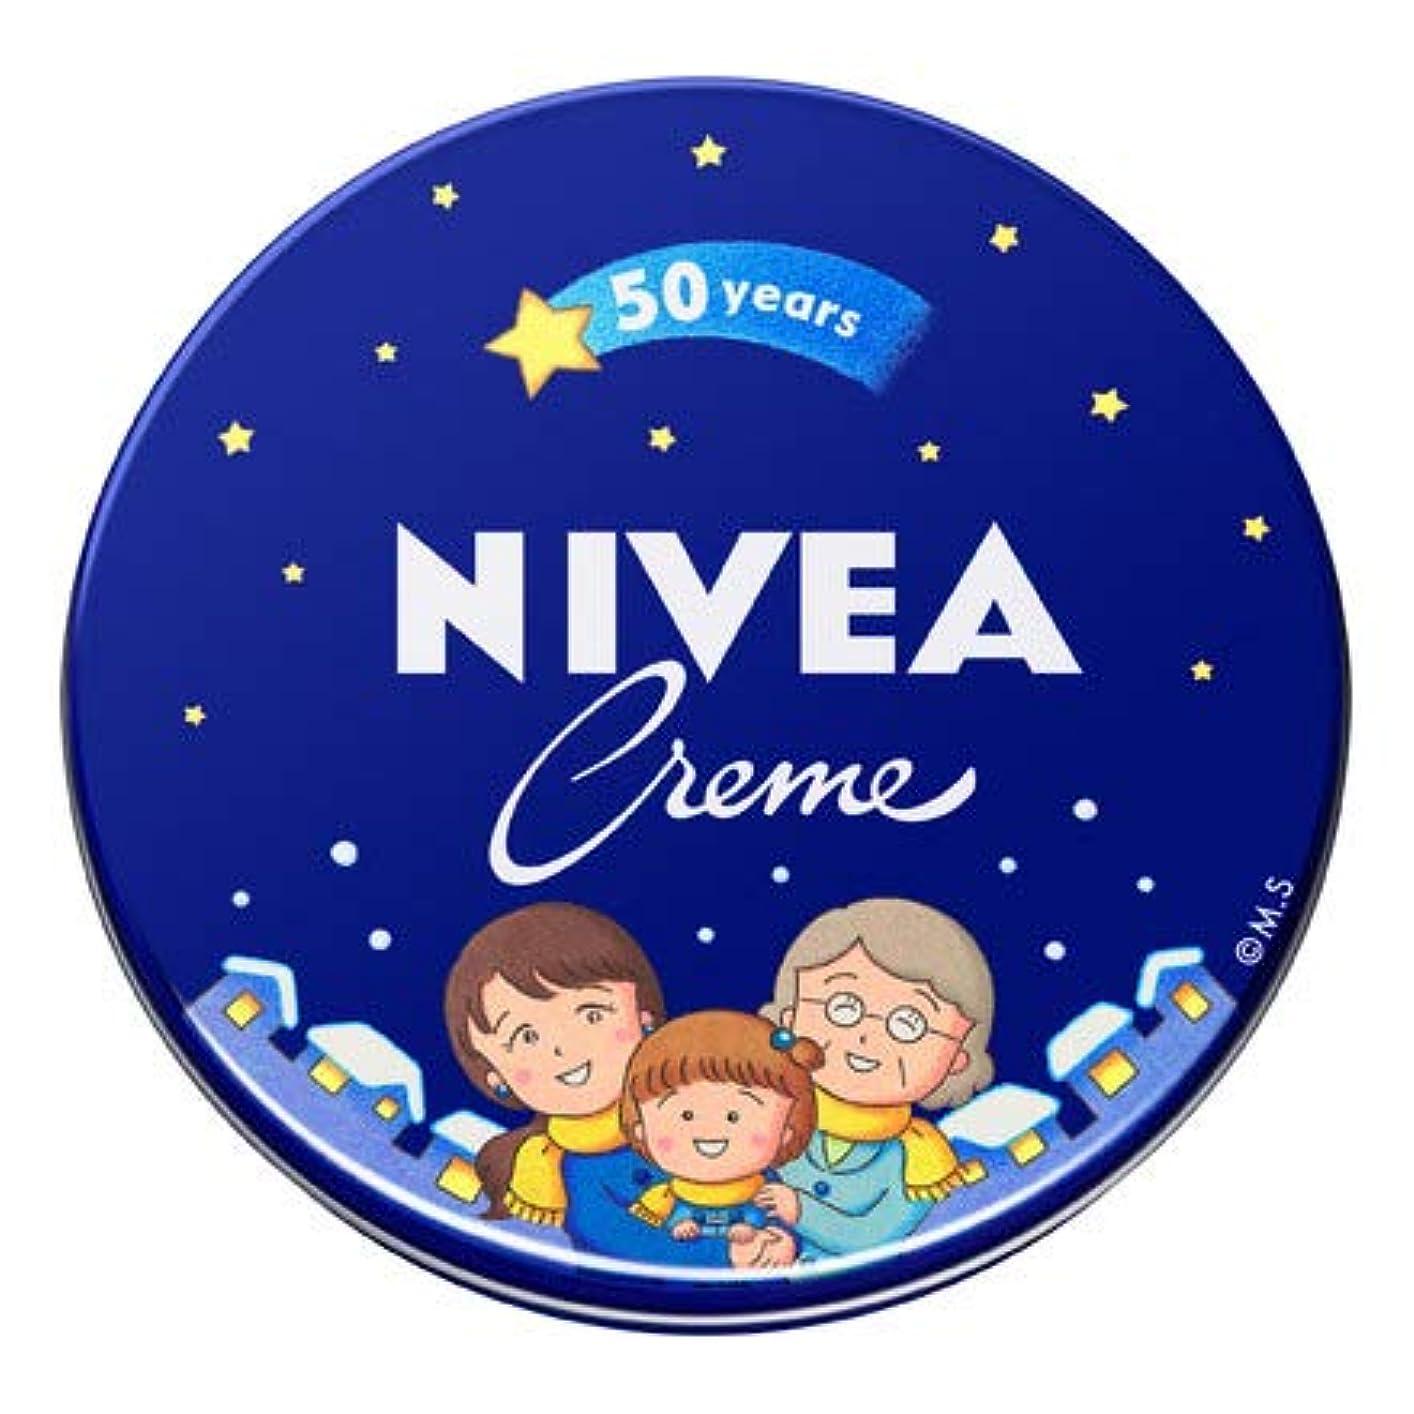 隙間相関する付属品NIVEA ニベアクリーム 中缶 56g さくらももこ限定デザイン